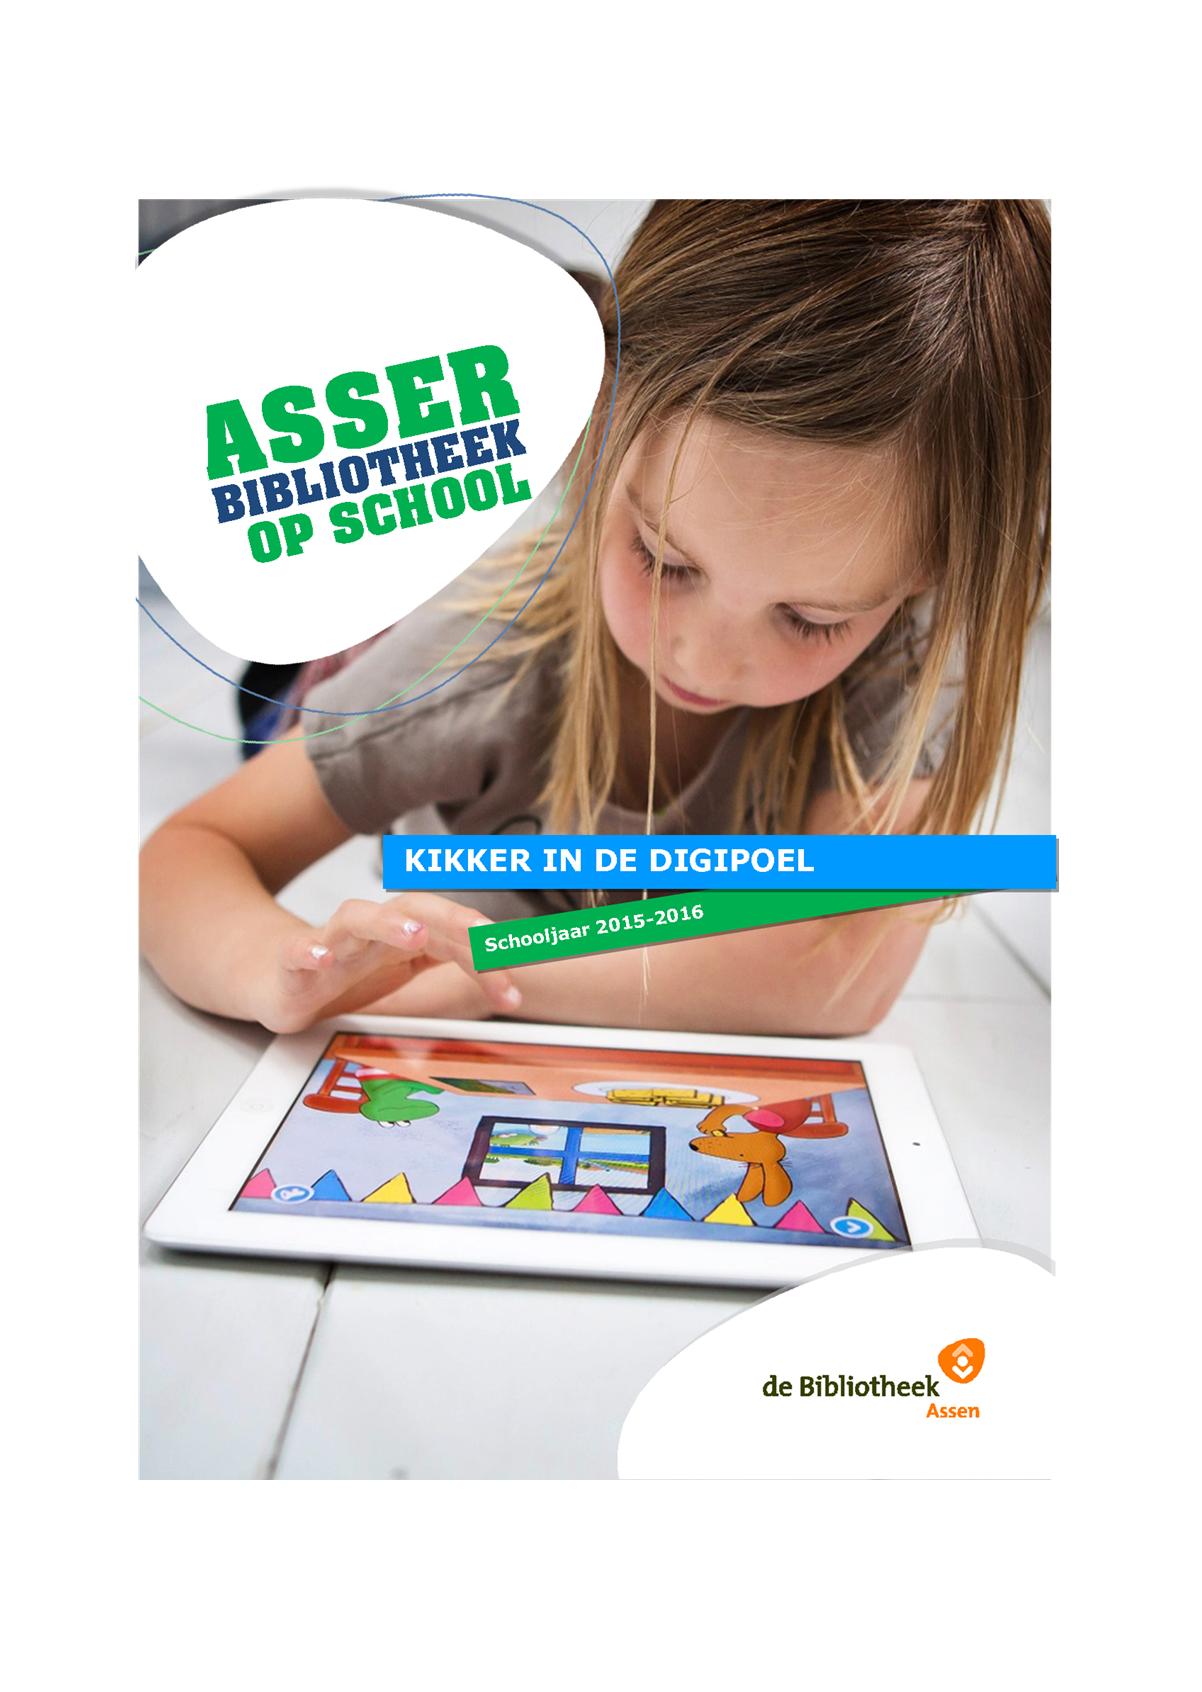 Digitaal Project Van Asser Bibliotheek Op School Over En